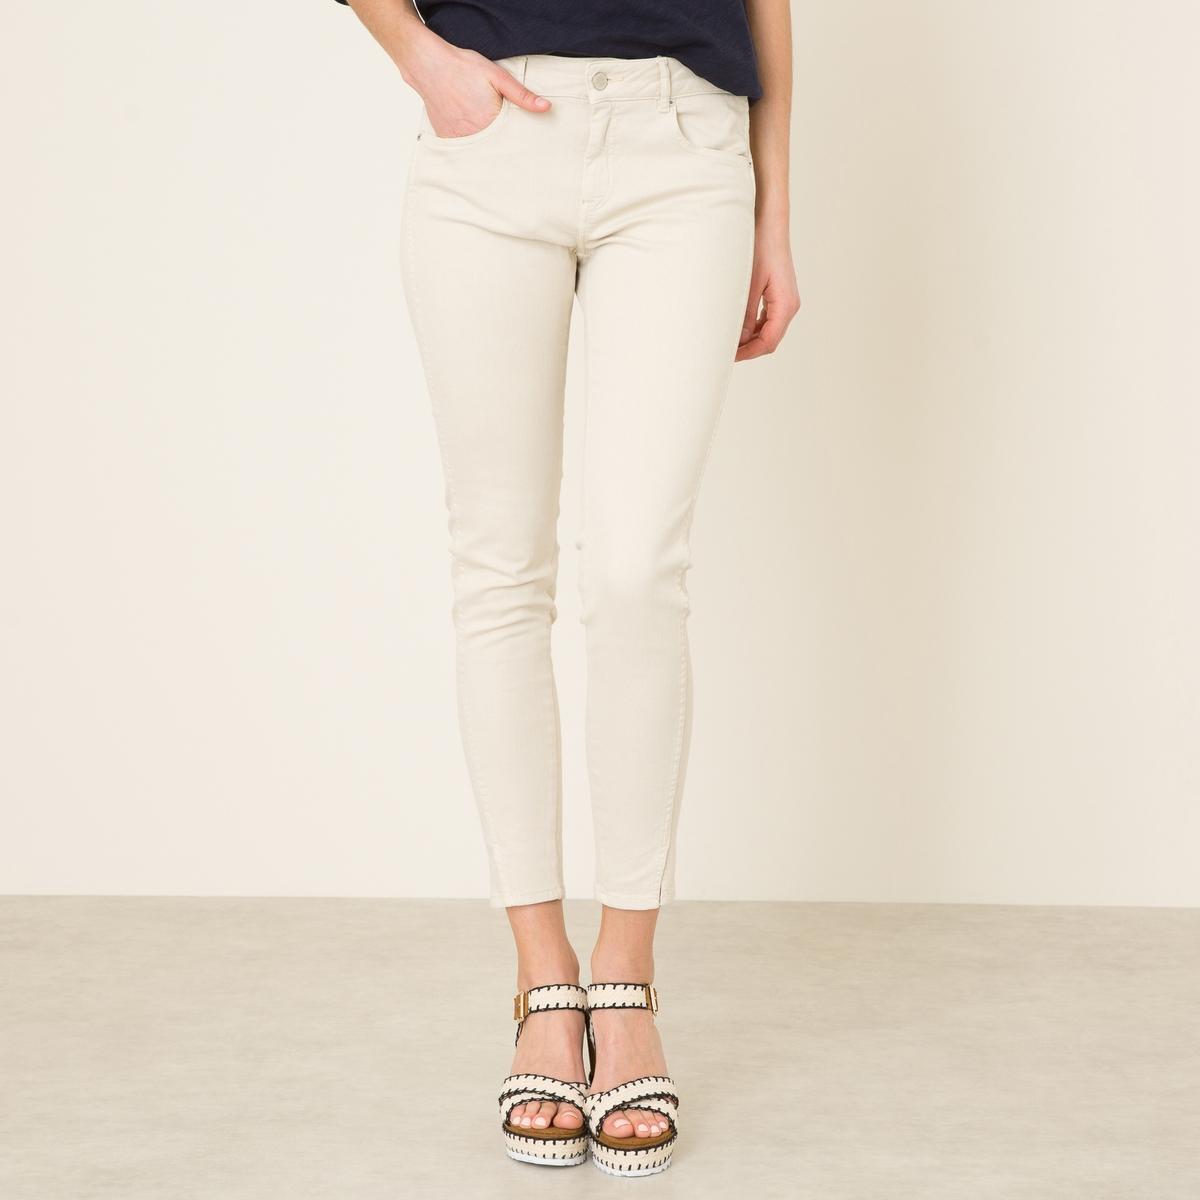 Джинсы скинни укороченные DAYTONA COLOR джинсы скинни 5 карманов длина 7 8 д 30